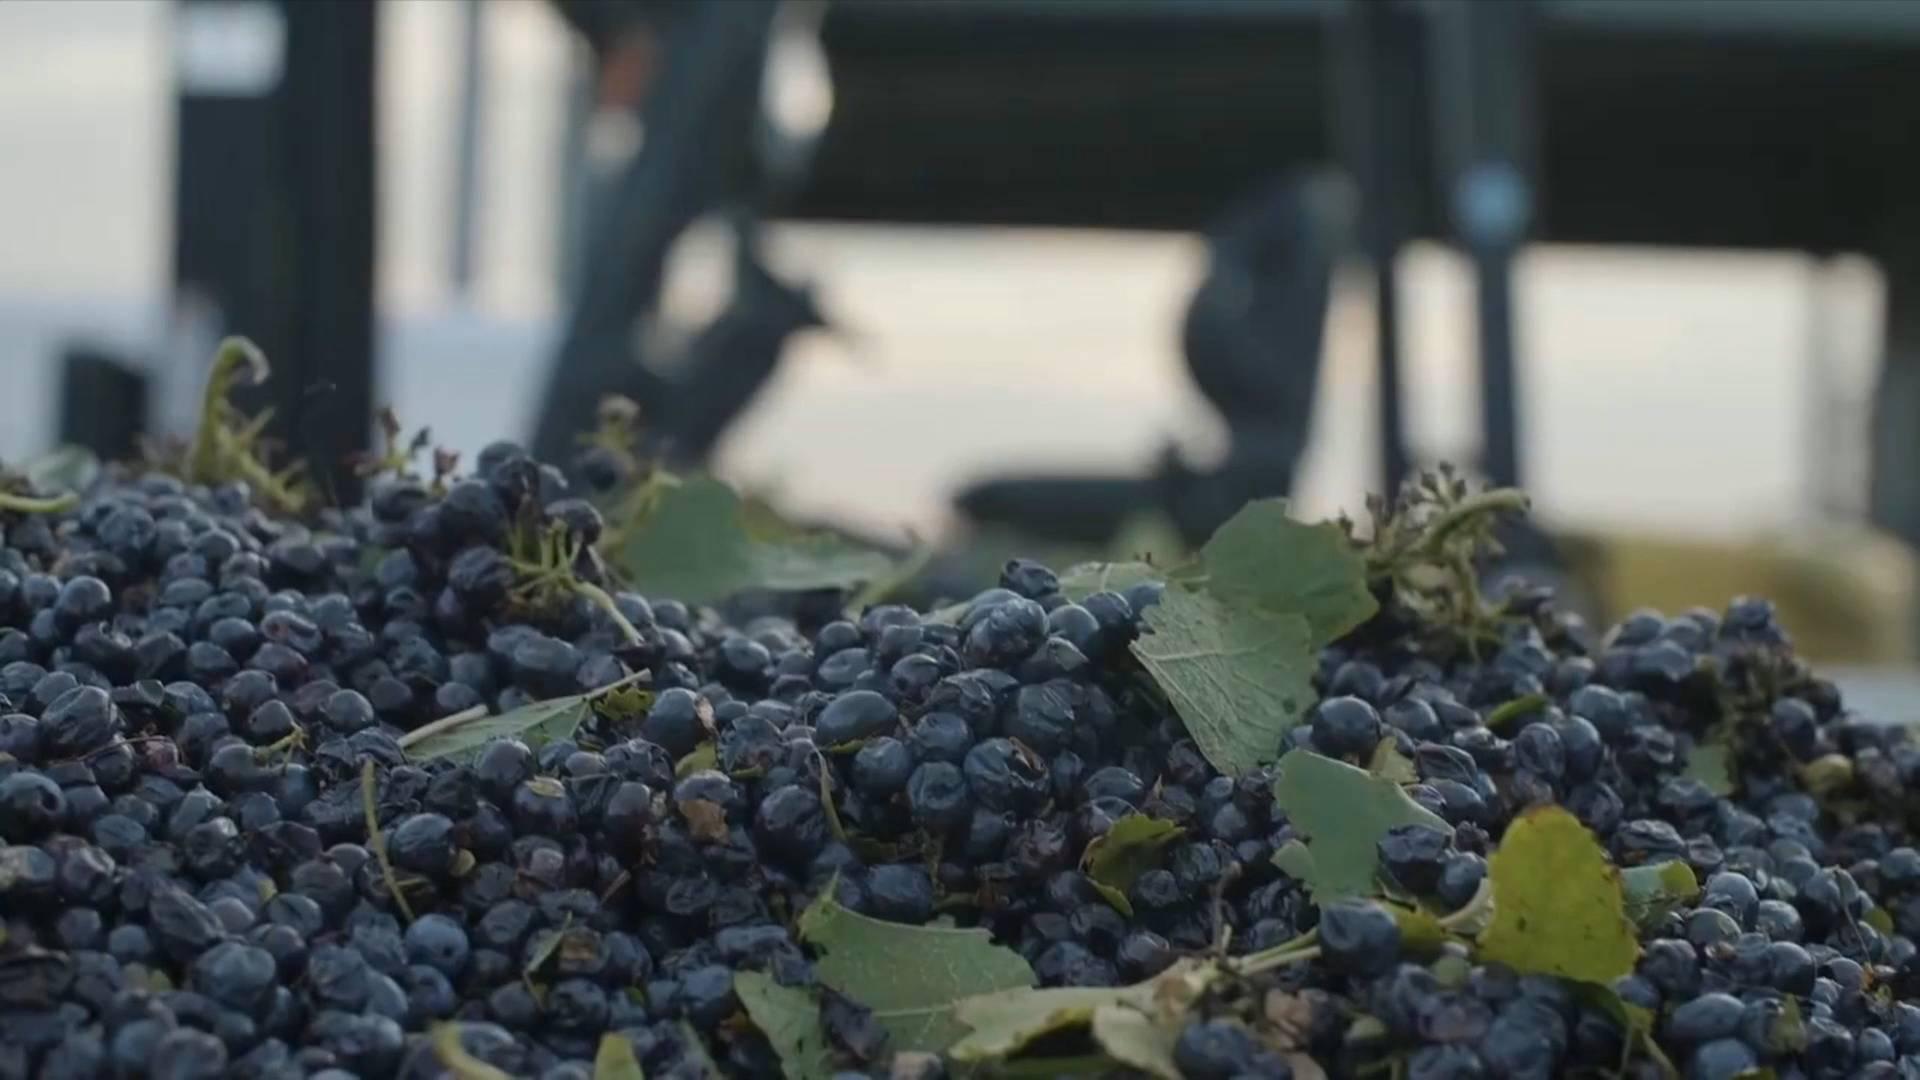 Australian wine-maker eyes Chinese market | Vlog on China import expo